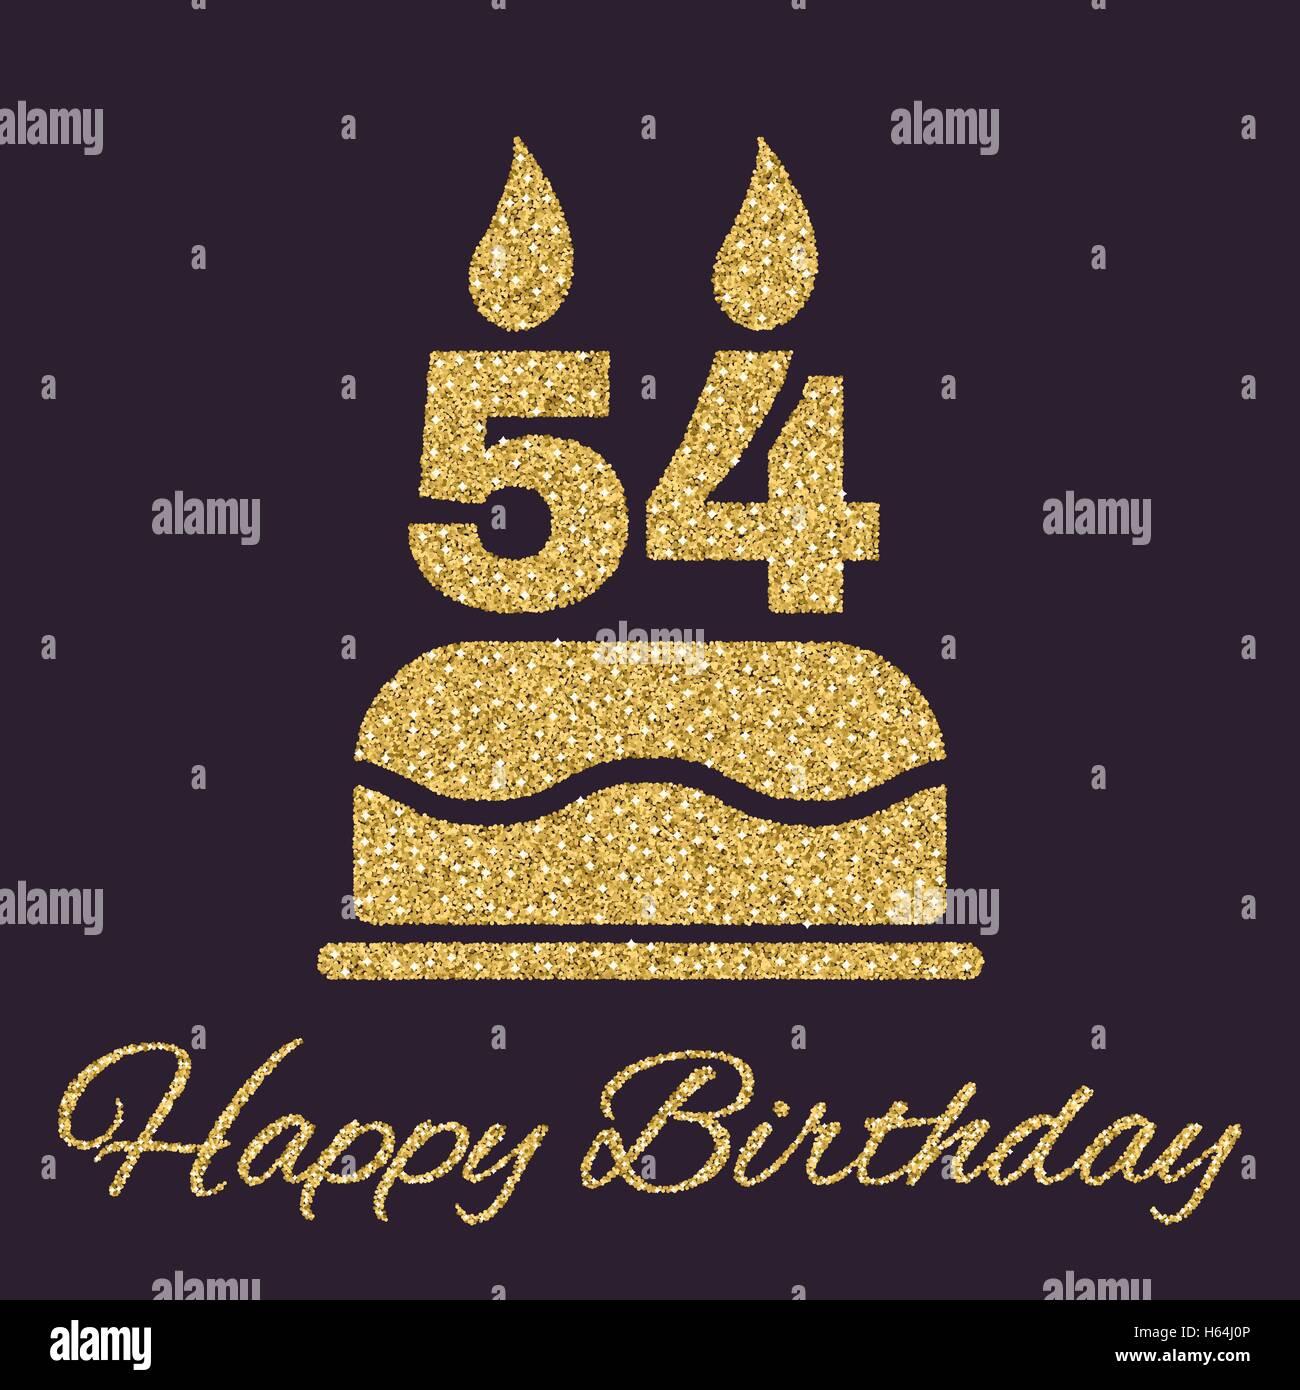 54 geburtstag Geburtstag Word